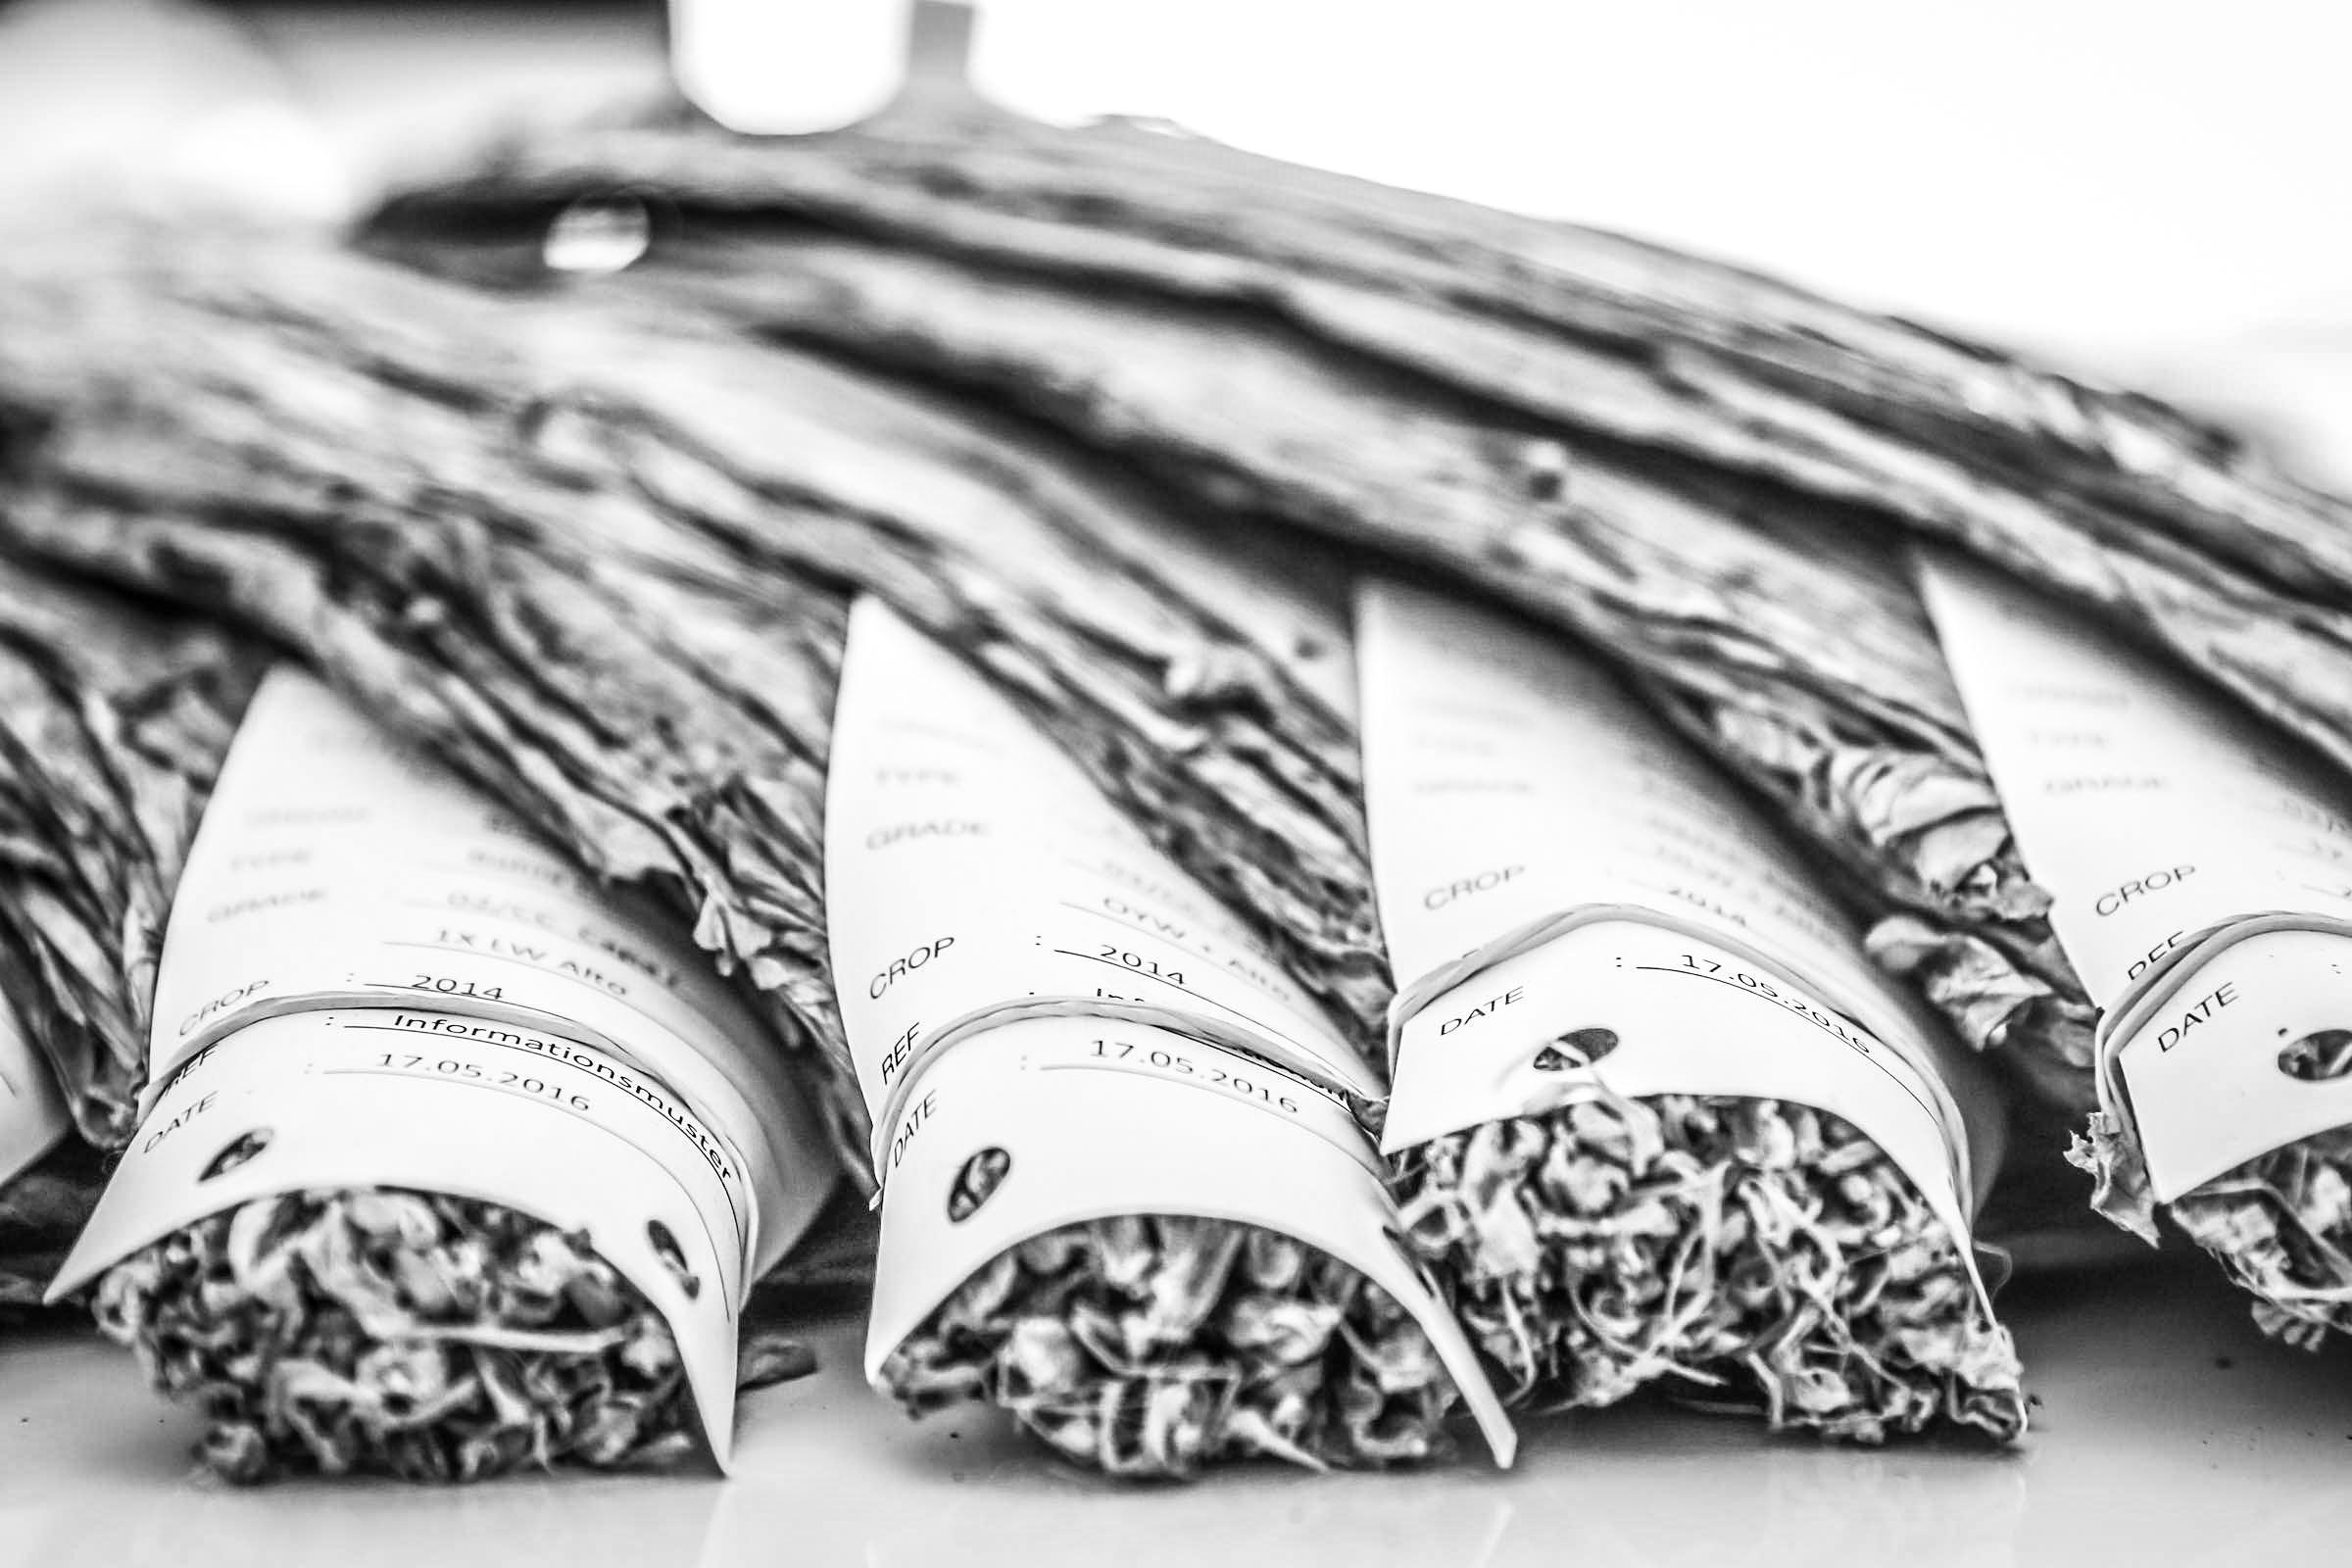 Zigarrenroller | Zigarrendreher | Zigarrenrollen | Zigarre | Trocadero |Buchen